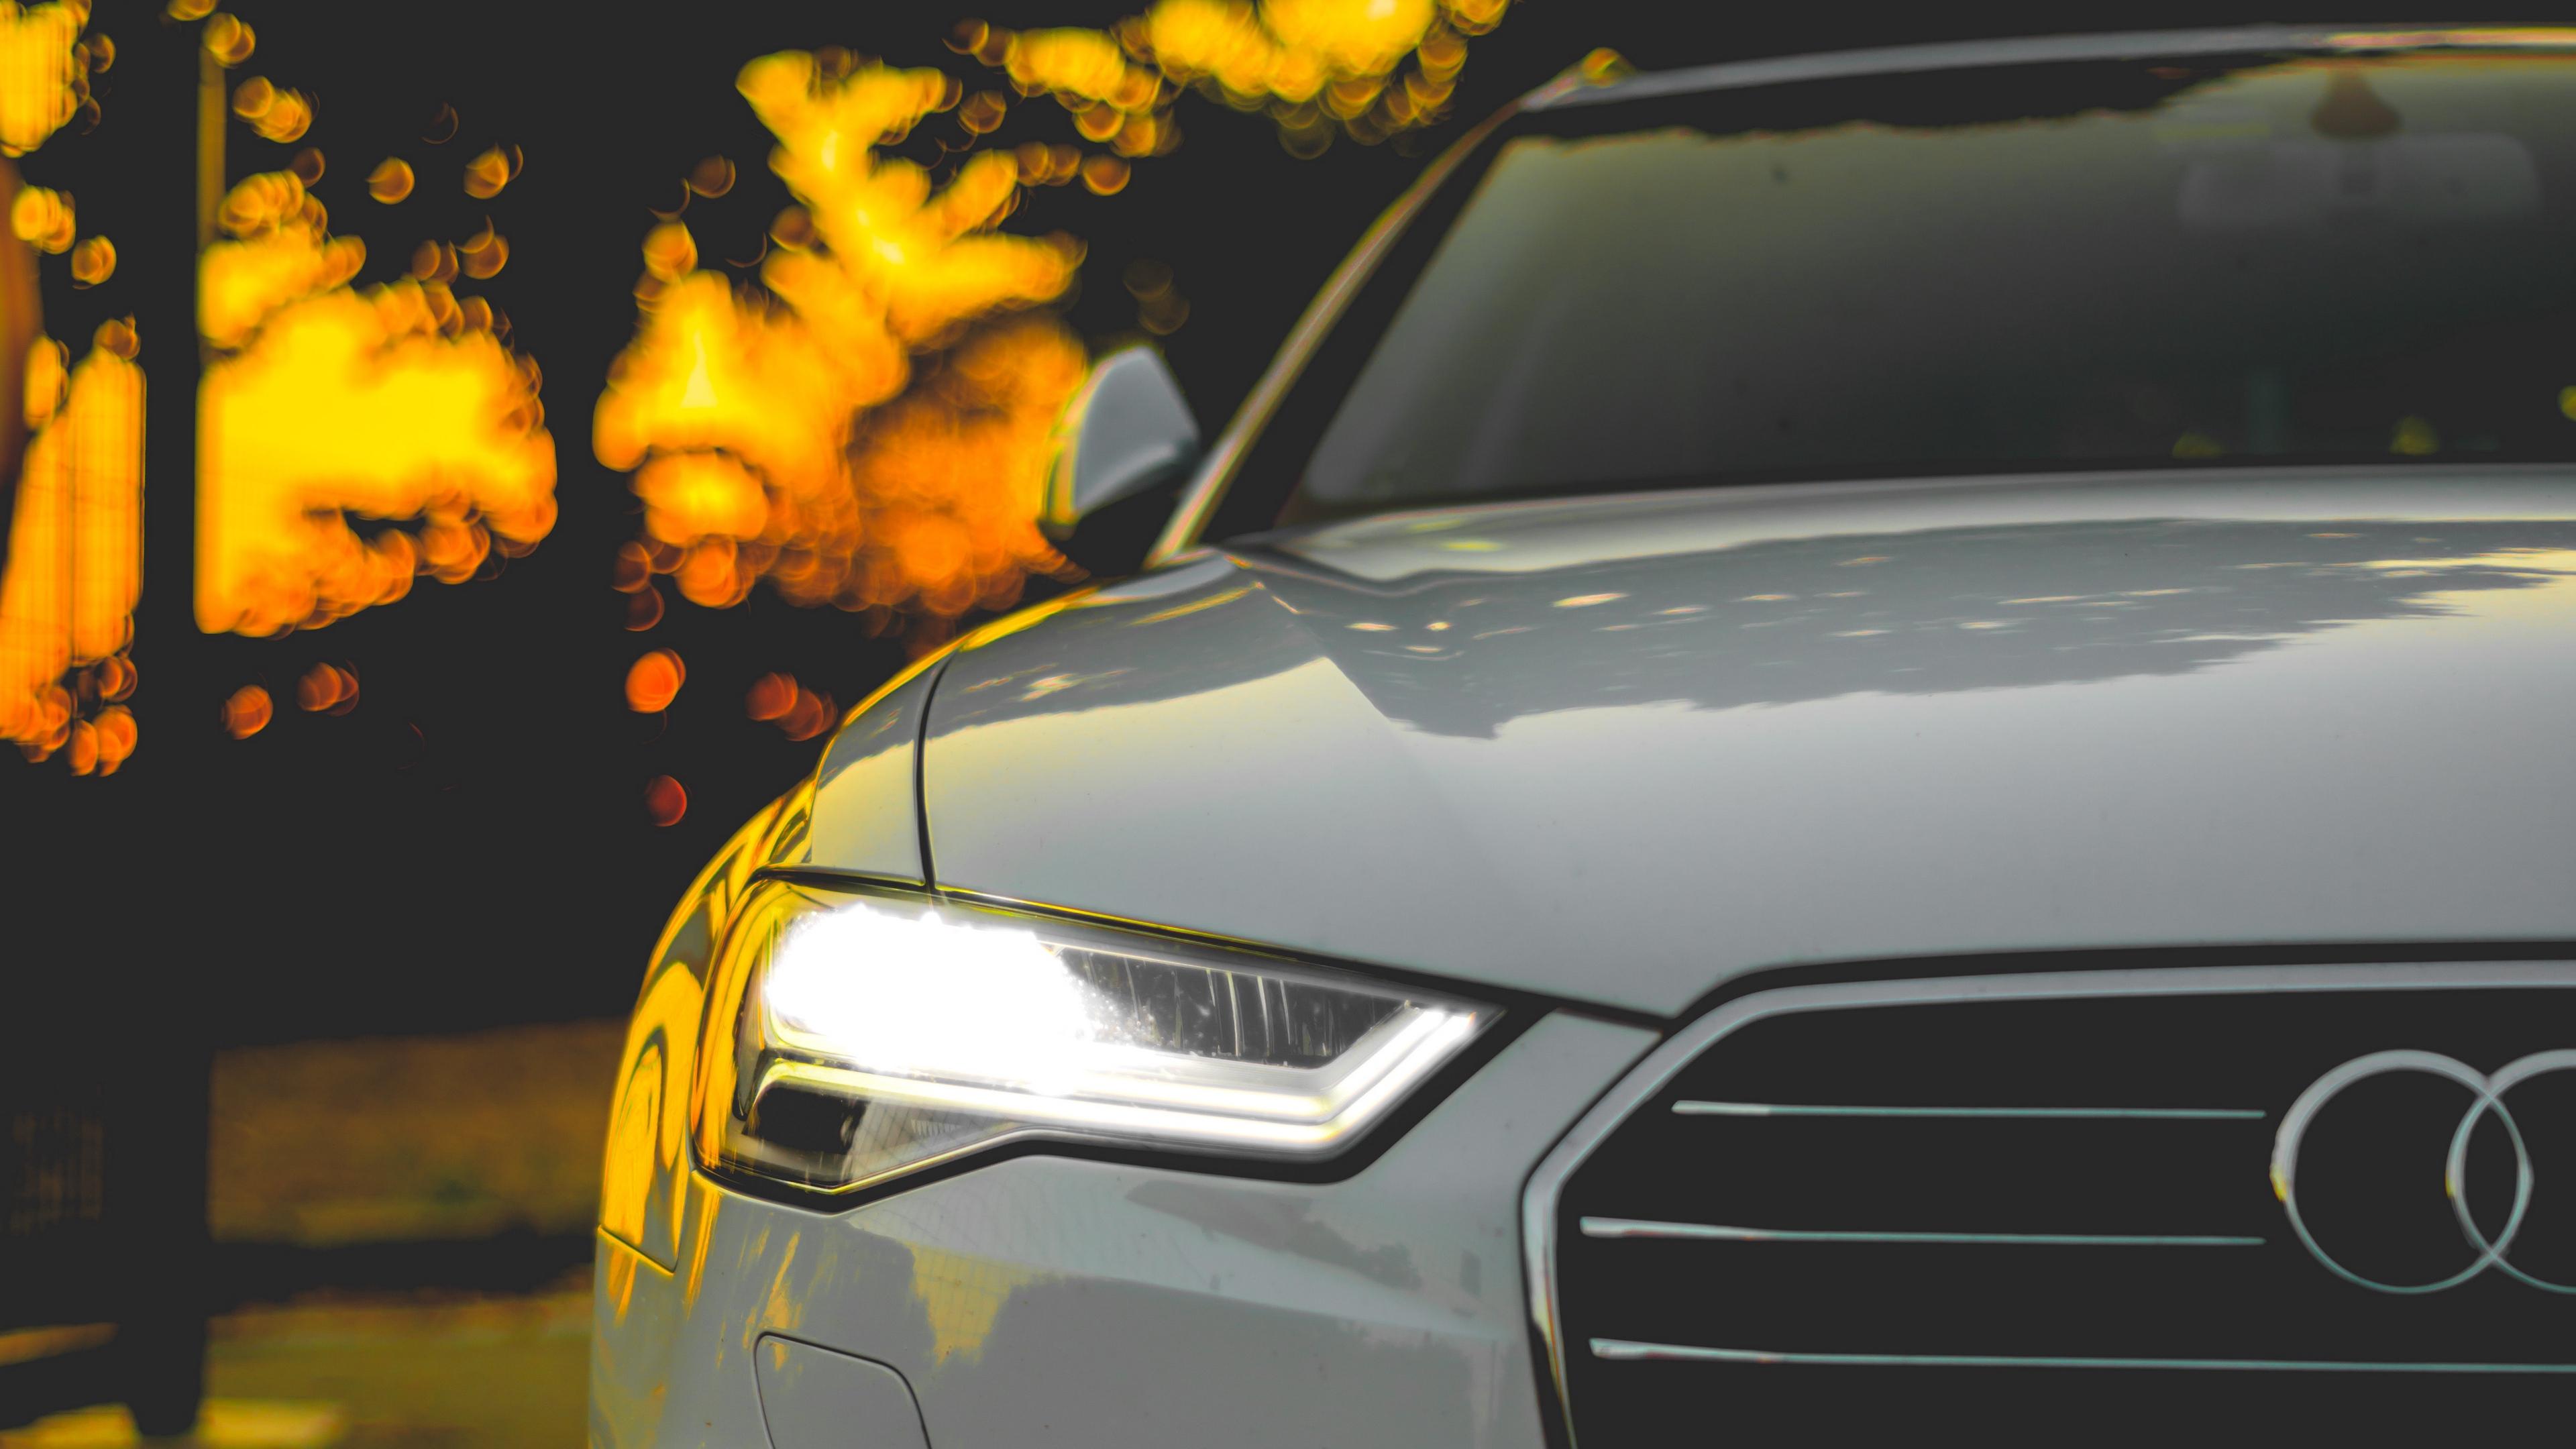 auto front view motion blur 4k 1538936334 - auto, front view, motion blur 4k - motion blur, front view, auto